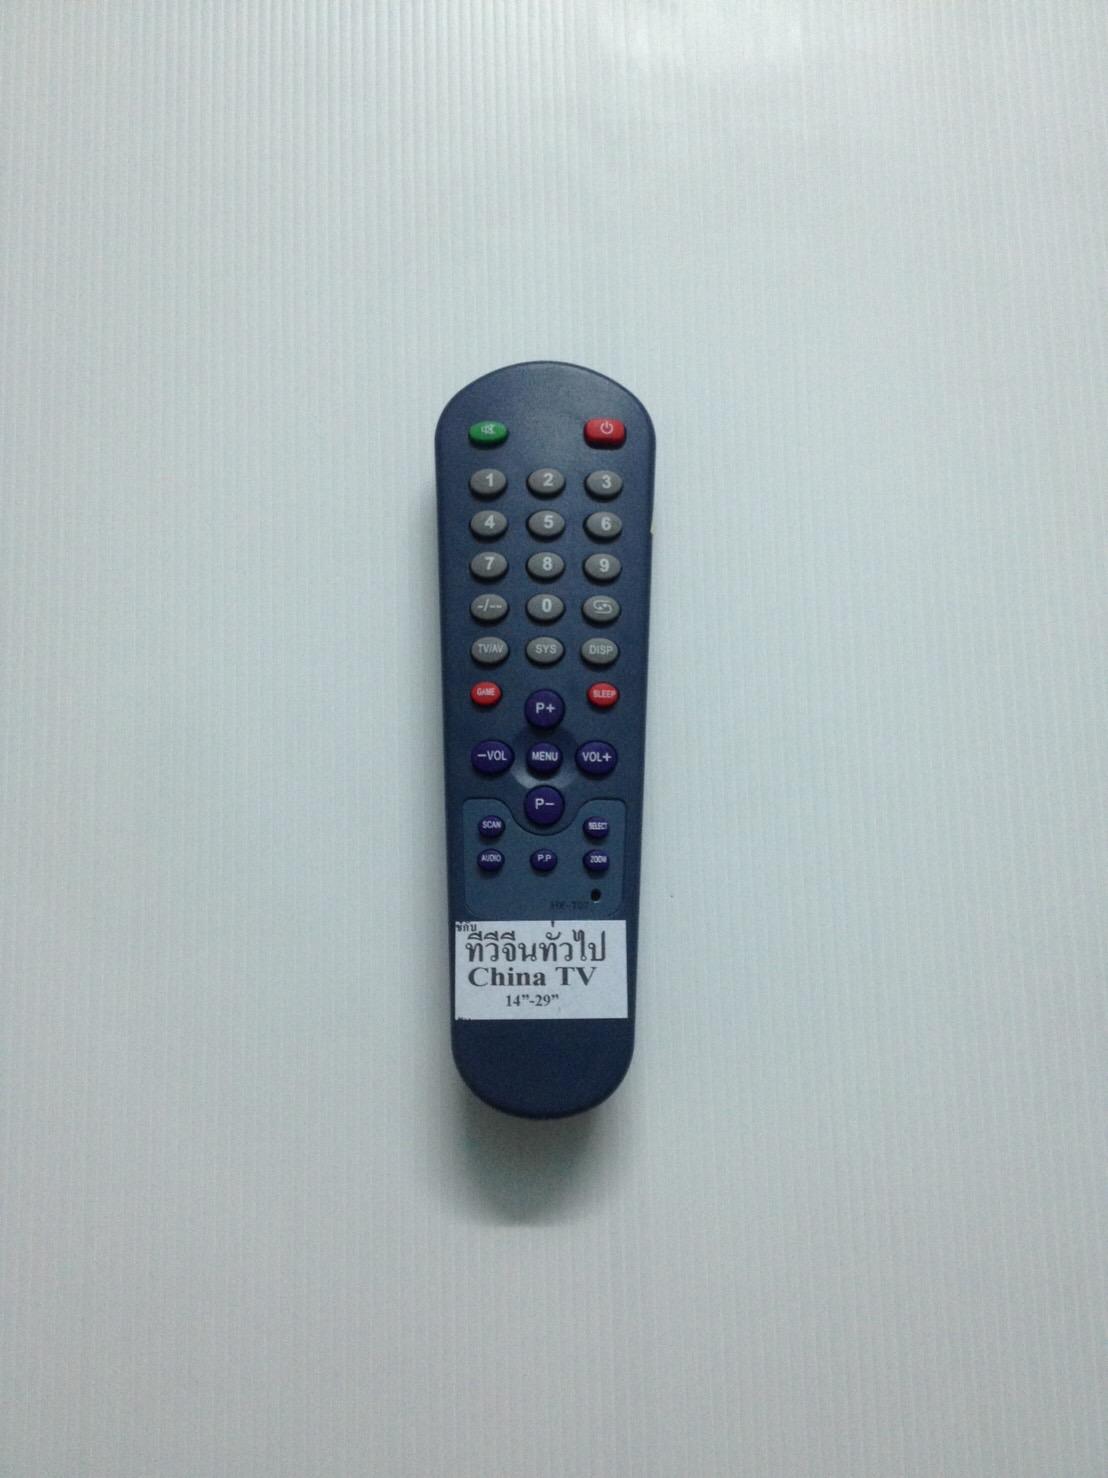 รีโมททีวีจีนทั่วไป HX-T07 ลงหลายยี่ห้อ